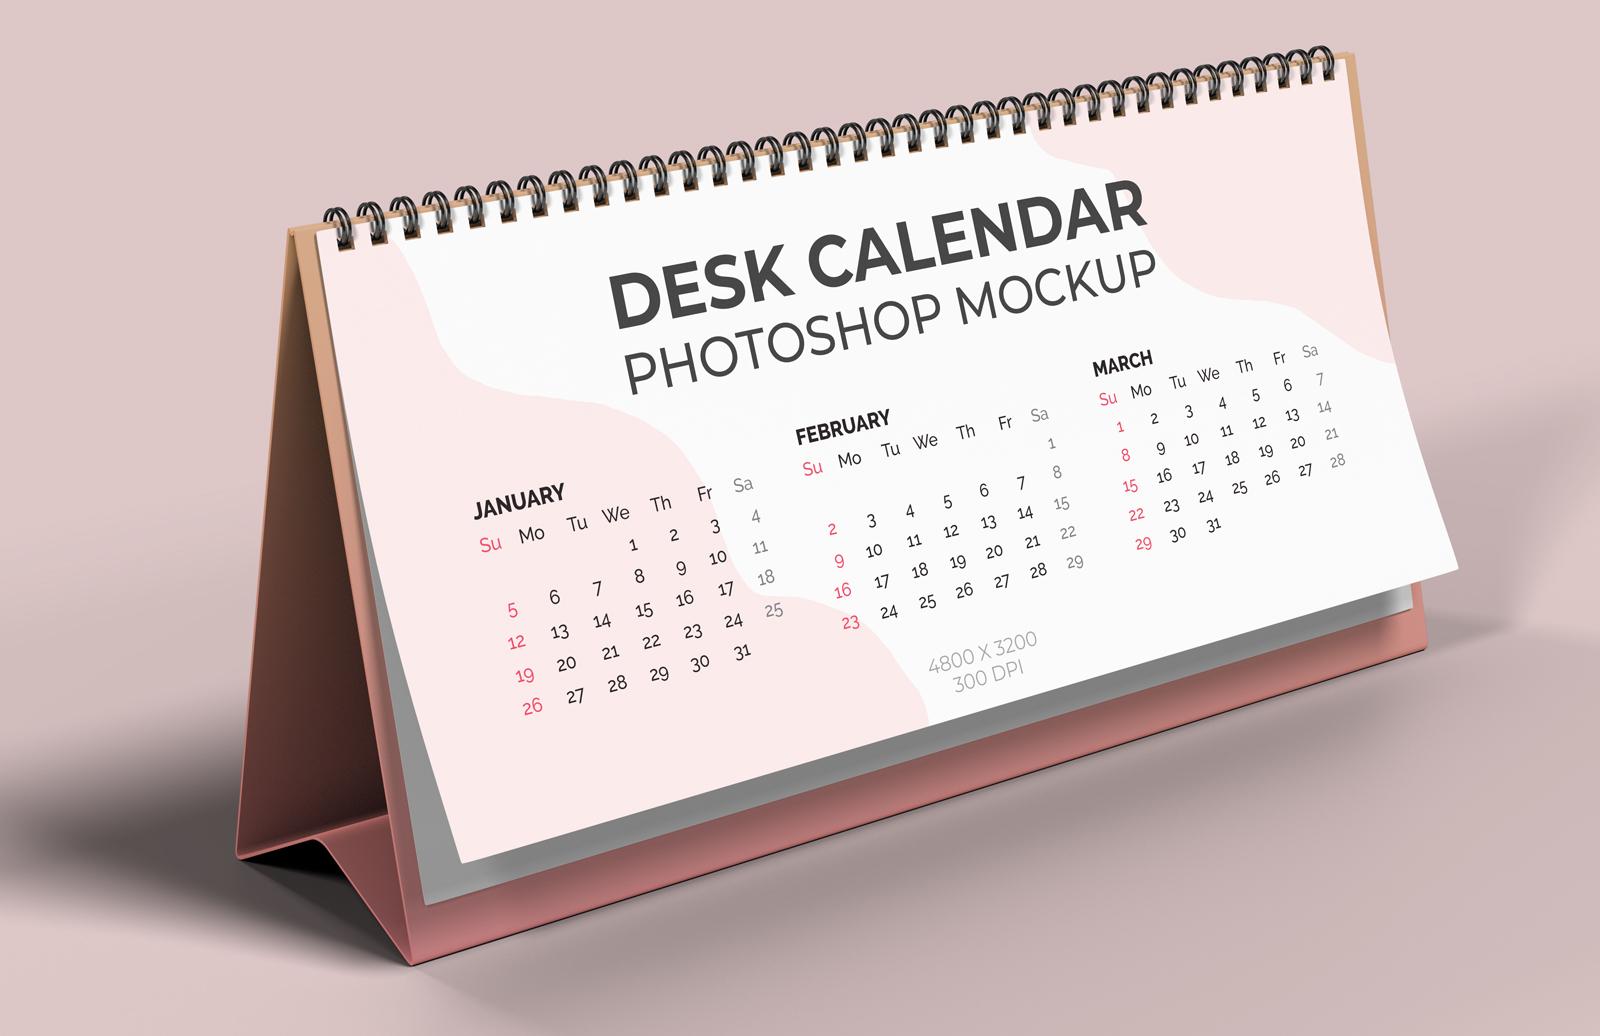 Desk Calendar Mockup Preview 1